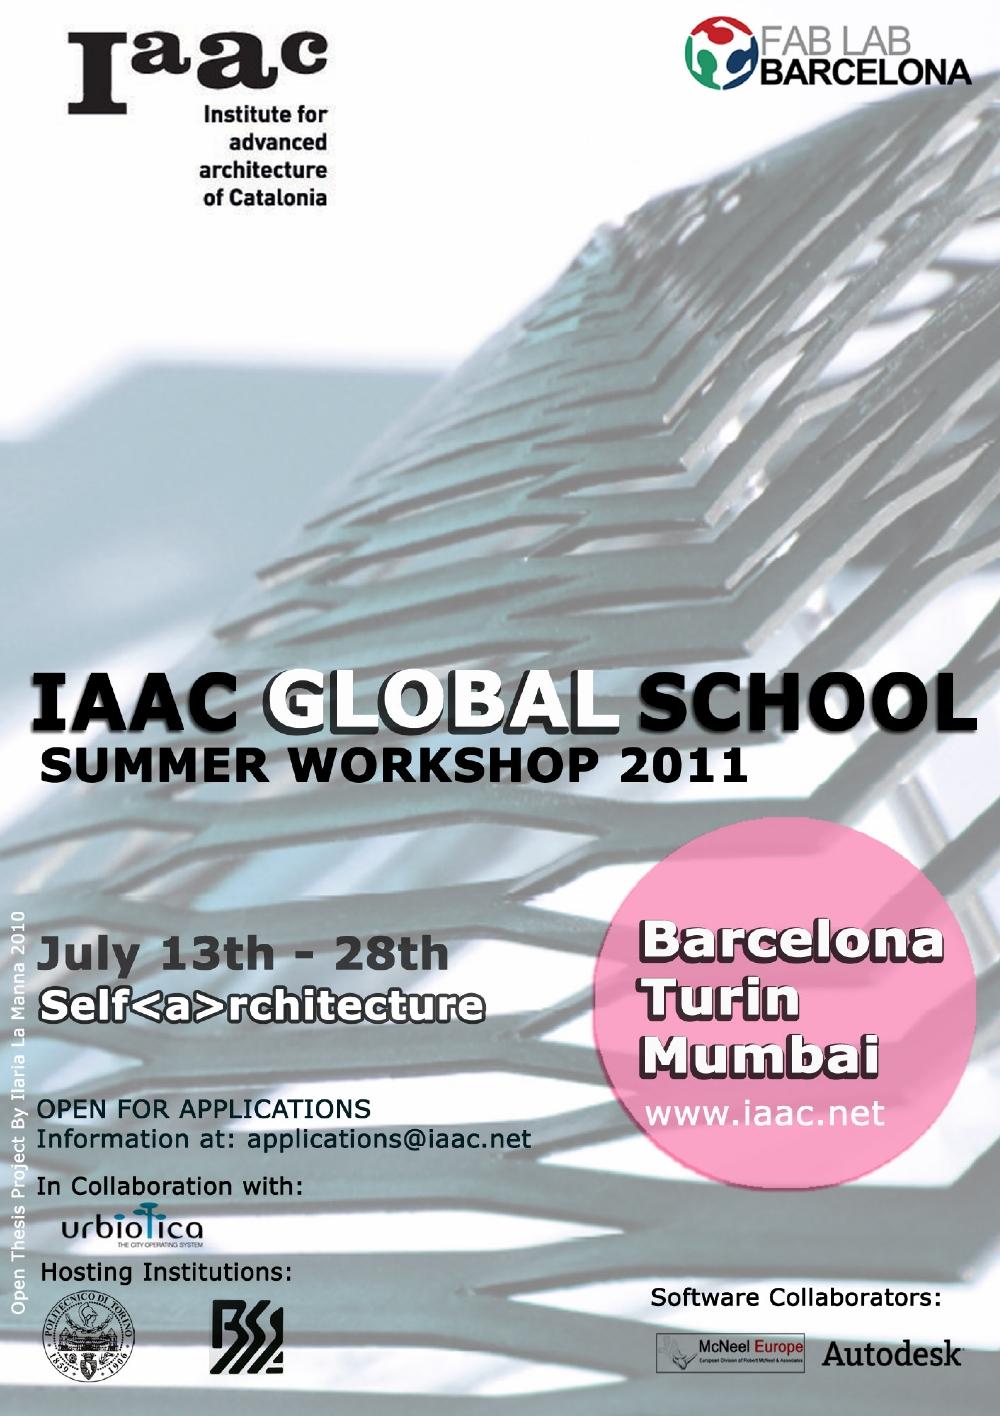 IaaC Global School